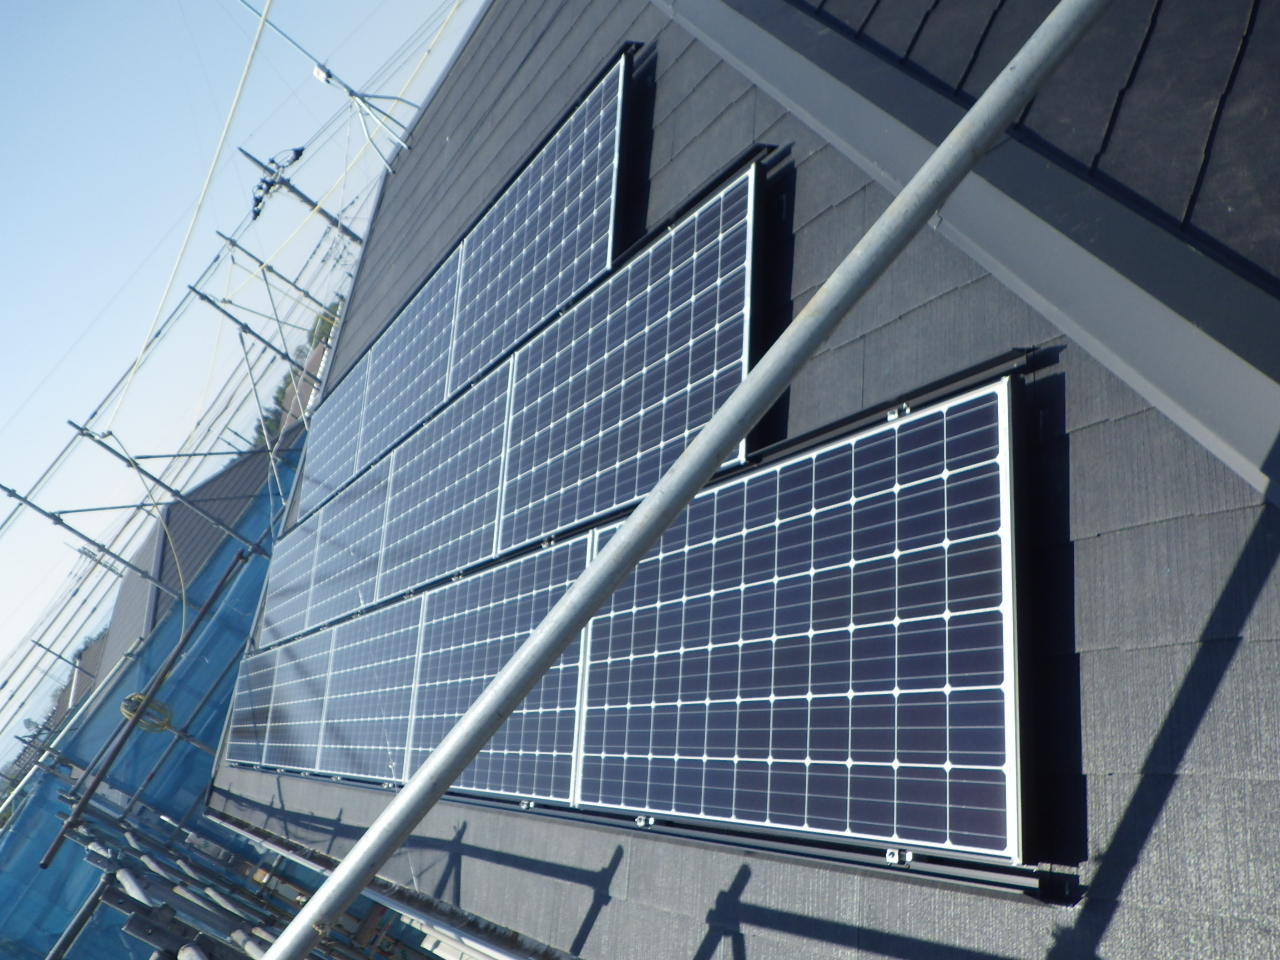 薄型スレート屋根への太陽光発電システム設置工事を行いました。in宇都宮市